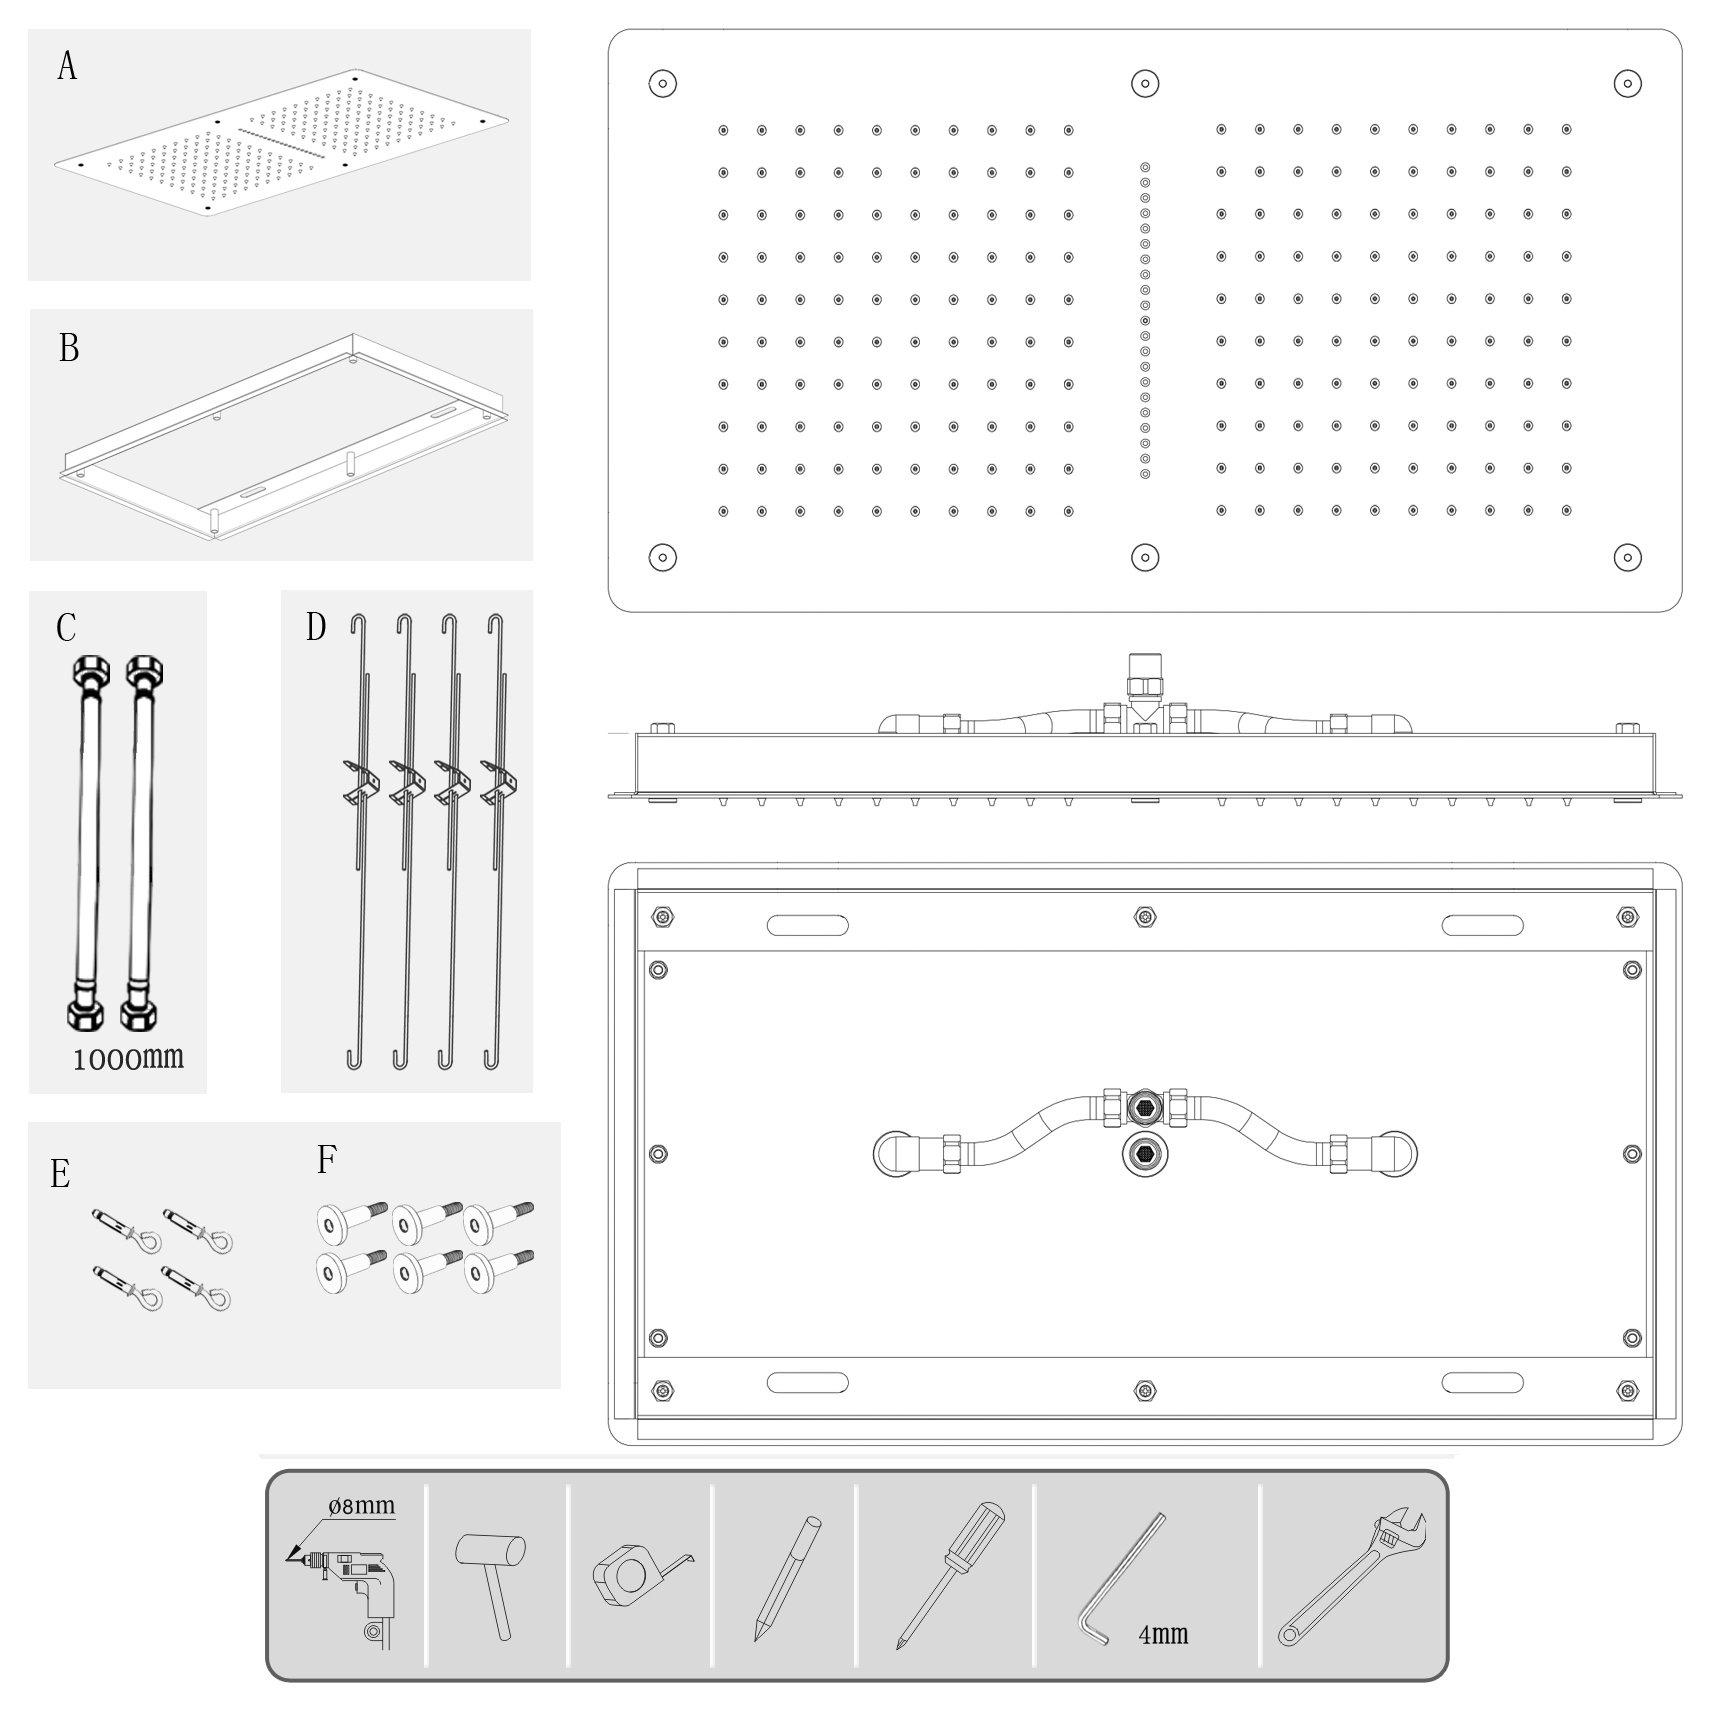 XXL-Regendusche Edelstahl-Deckenbrause DPG5019 superflach - 70 x 38 cm - Deckeneinbau zoom thumbnail 4